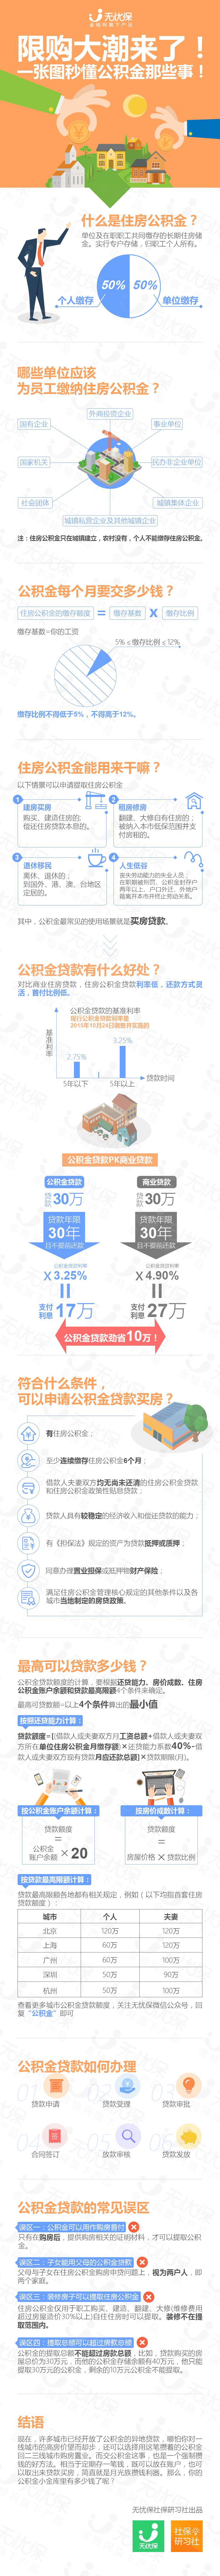 社保研习社-住房公积金篇.png